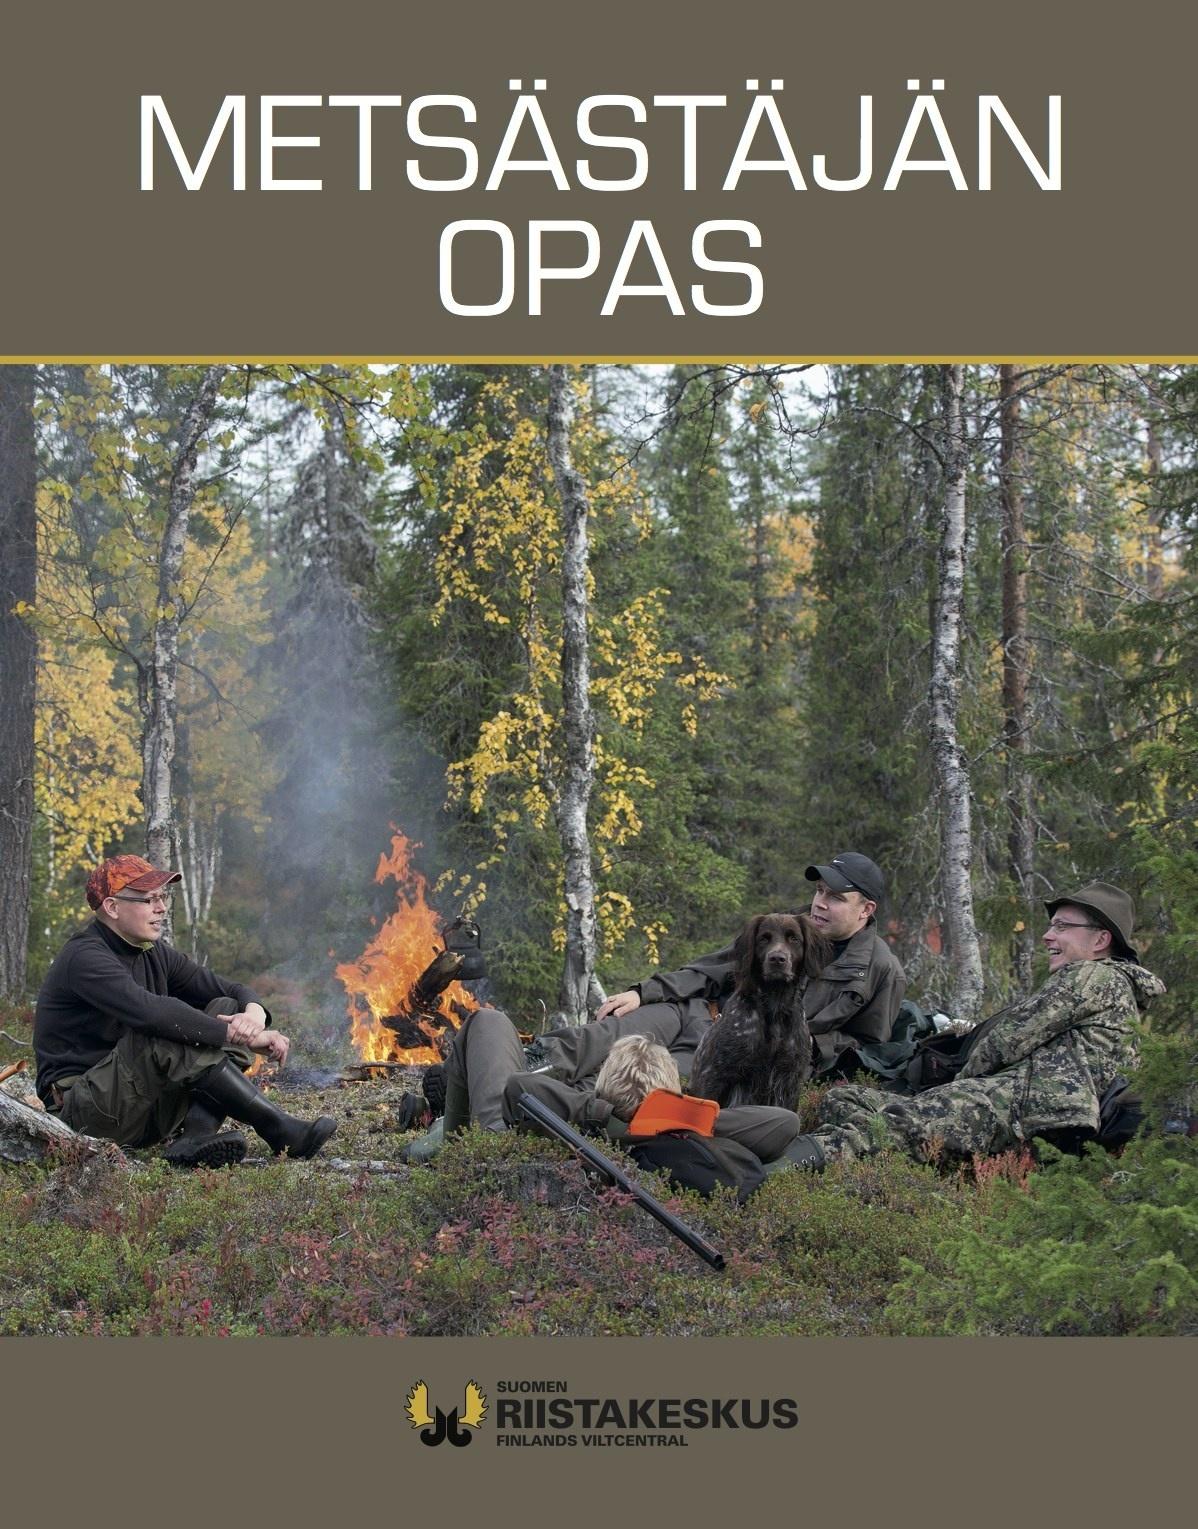 Metsästäjän Opas